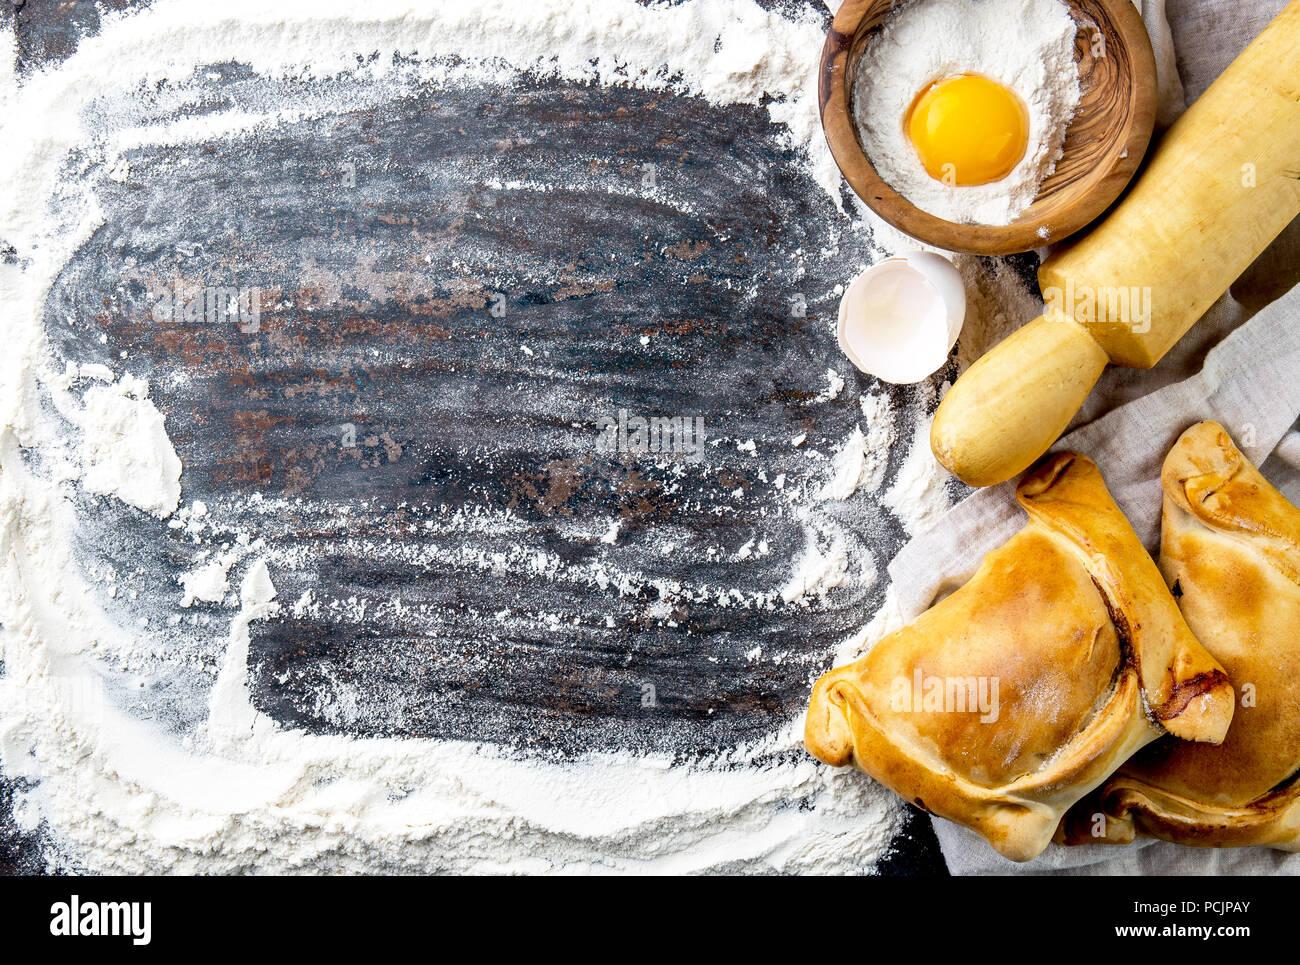 Día de la Independencia chilena hornear concepto. fiestas patrias. Las típicas empanadas chilenas de pino para la fiesta del día de la independencia. Espacio de copia Imagen De Stock